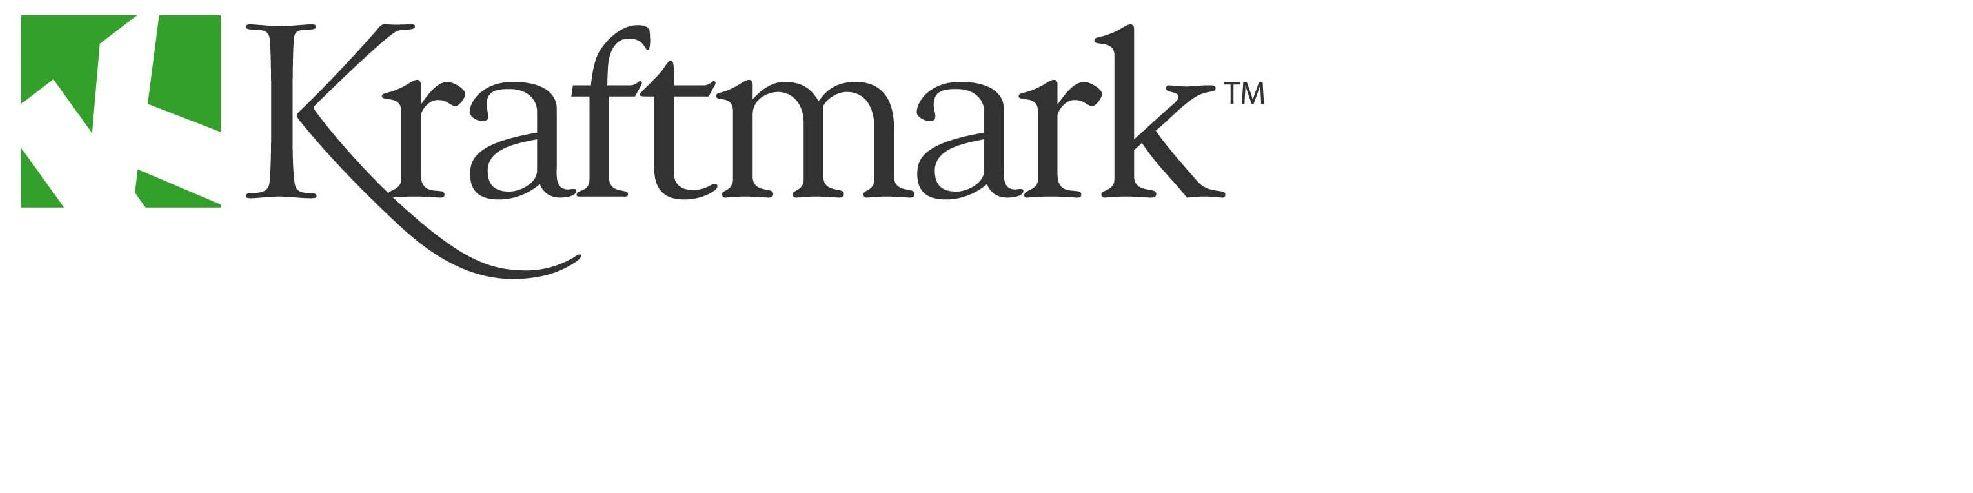 Kraftmark Company